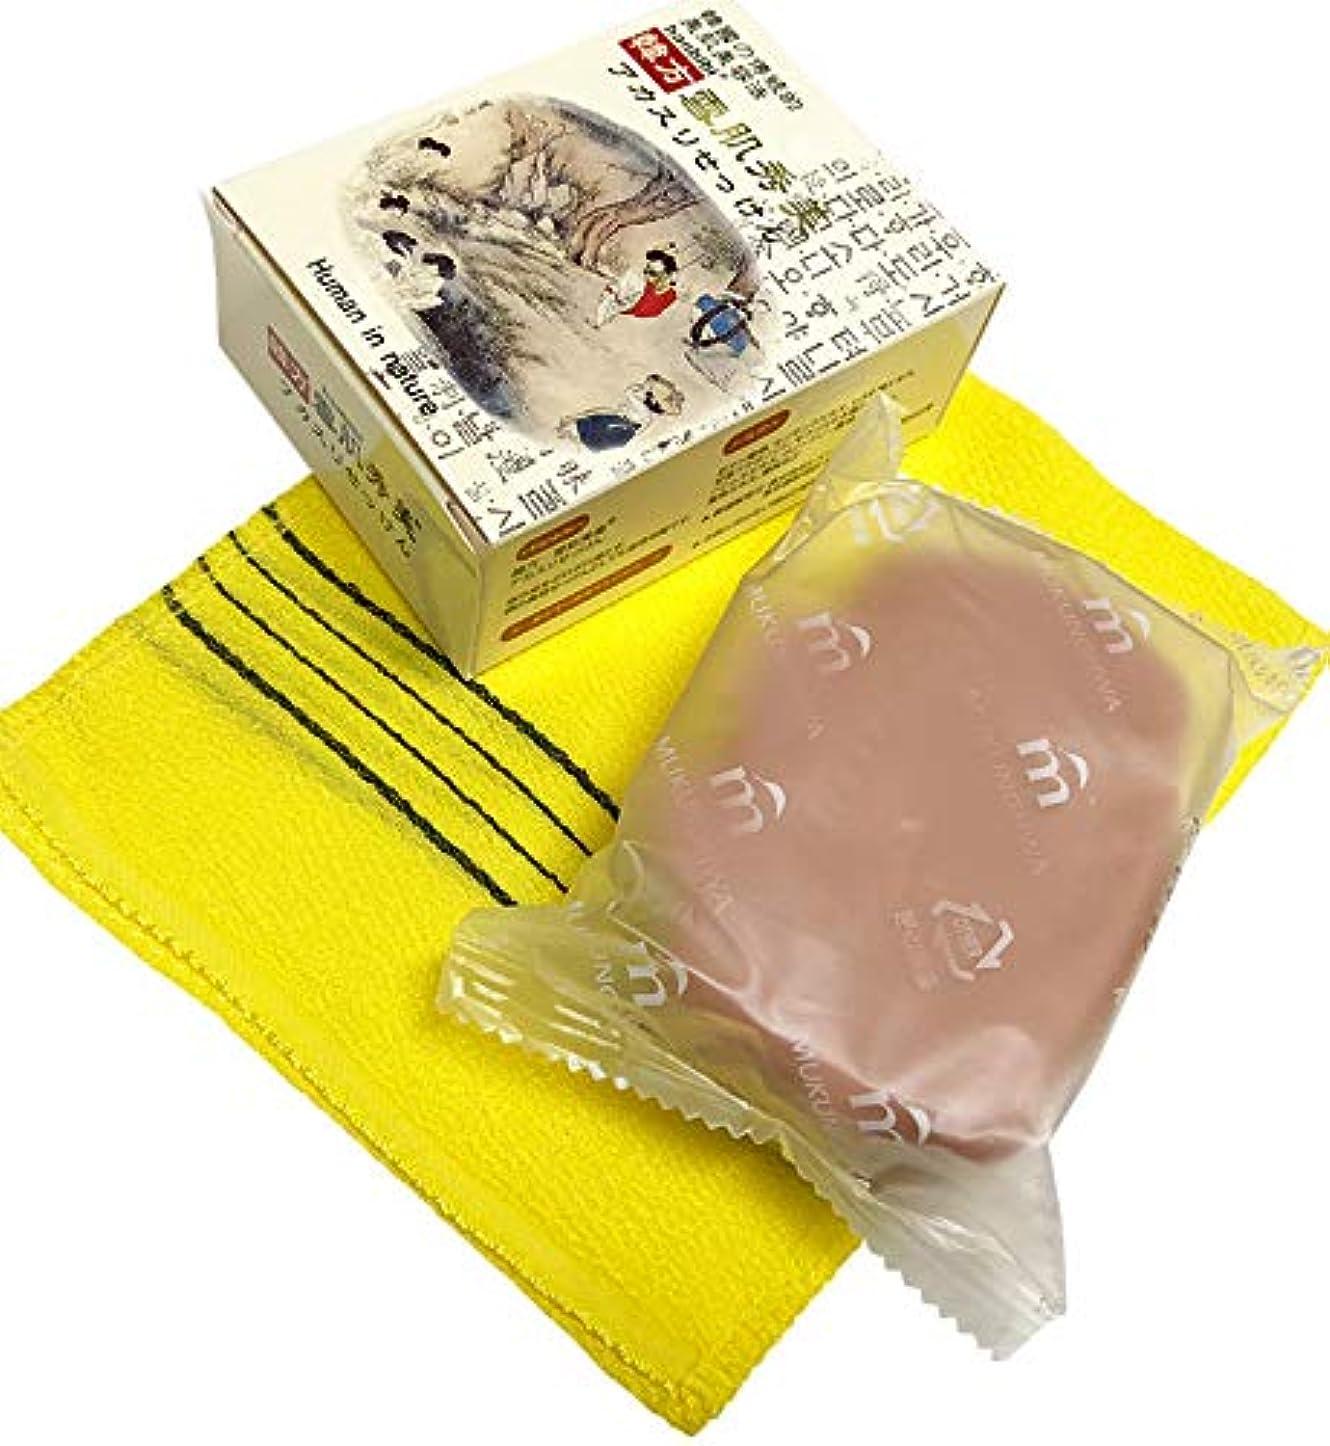 参加者年金受給者小康人気の顔、体兼用、蜂蜜香りの韓方石ケン、韓国コスメ 韓方[雪肌美]蜂蜜アカスリせっけん アカスリ専用タオル付き